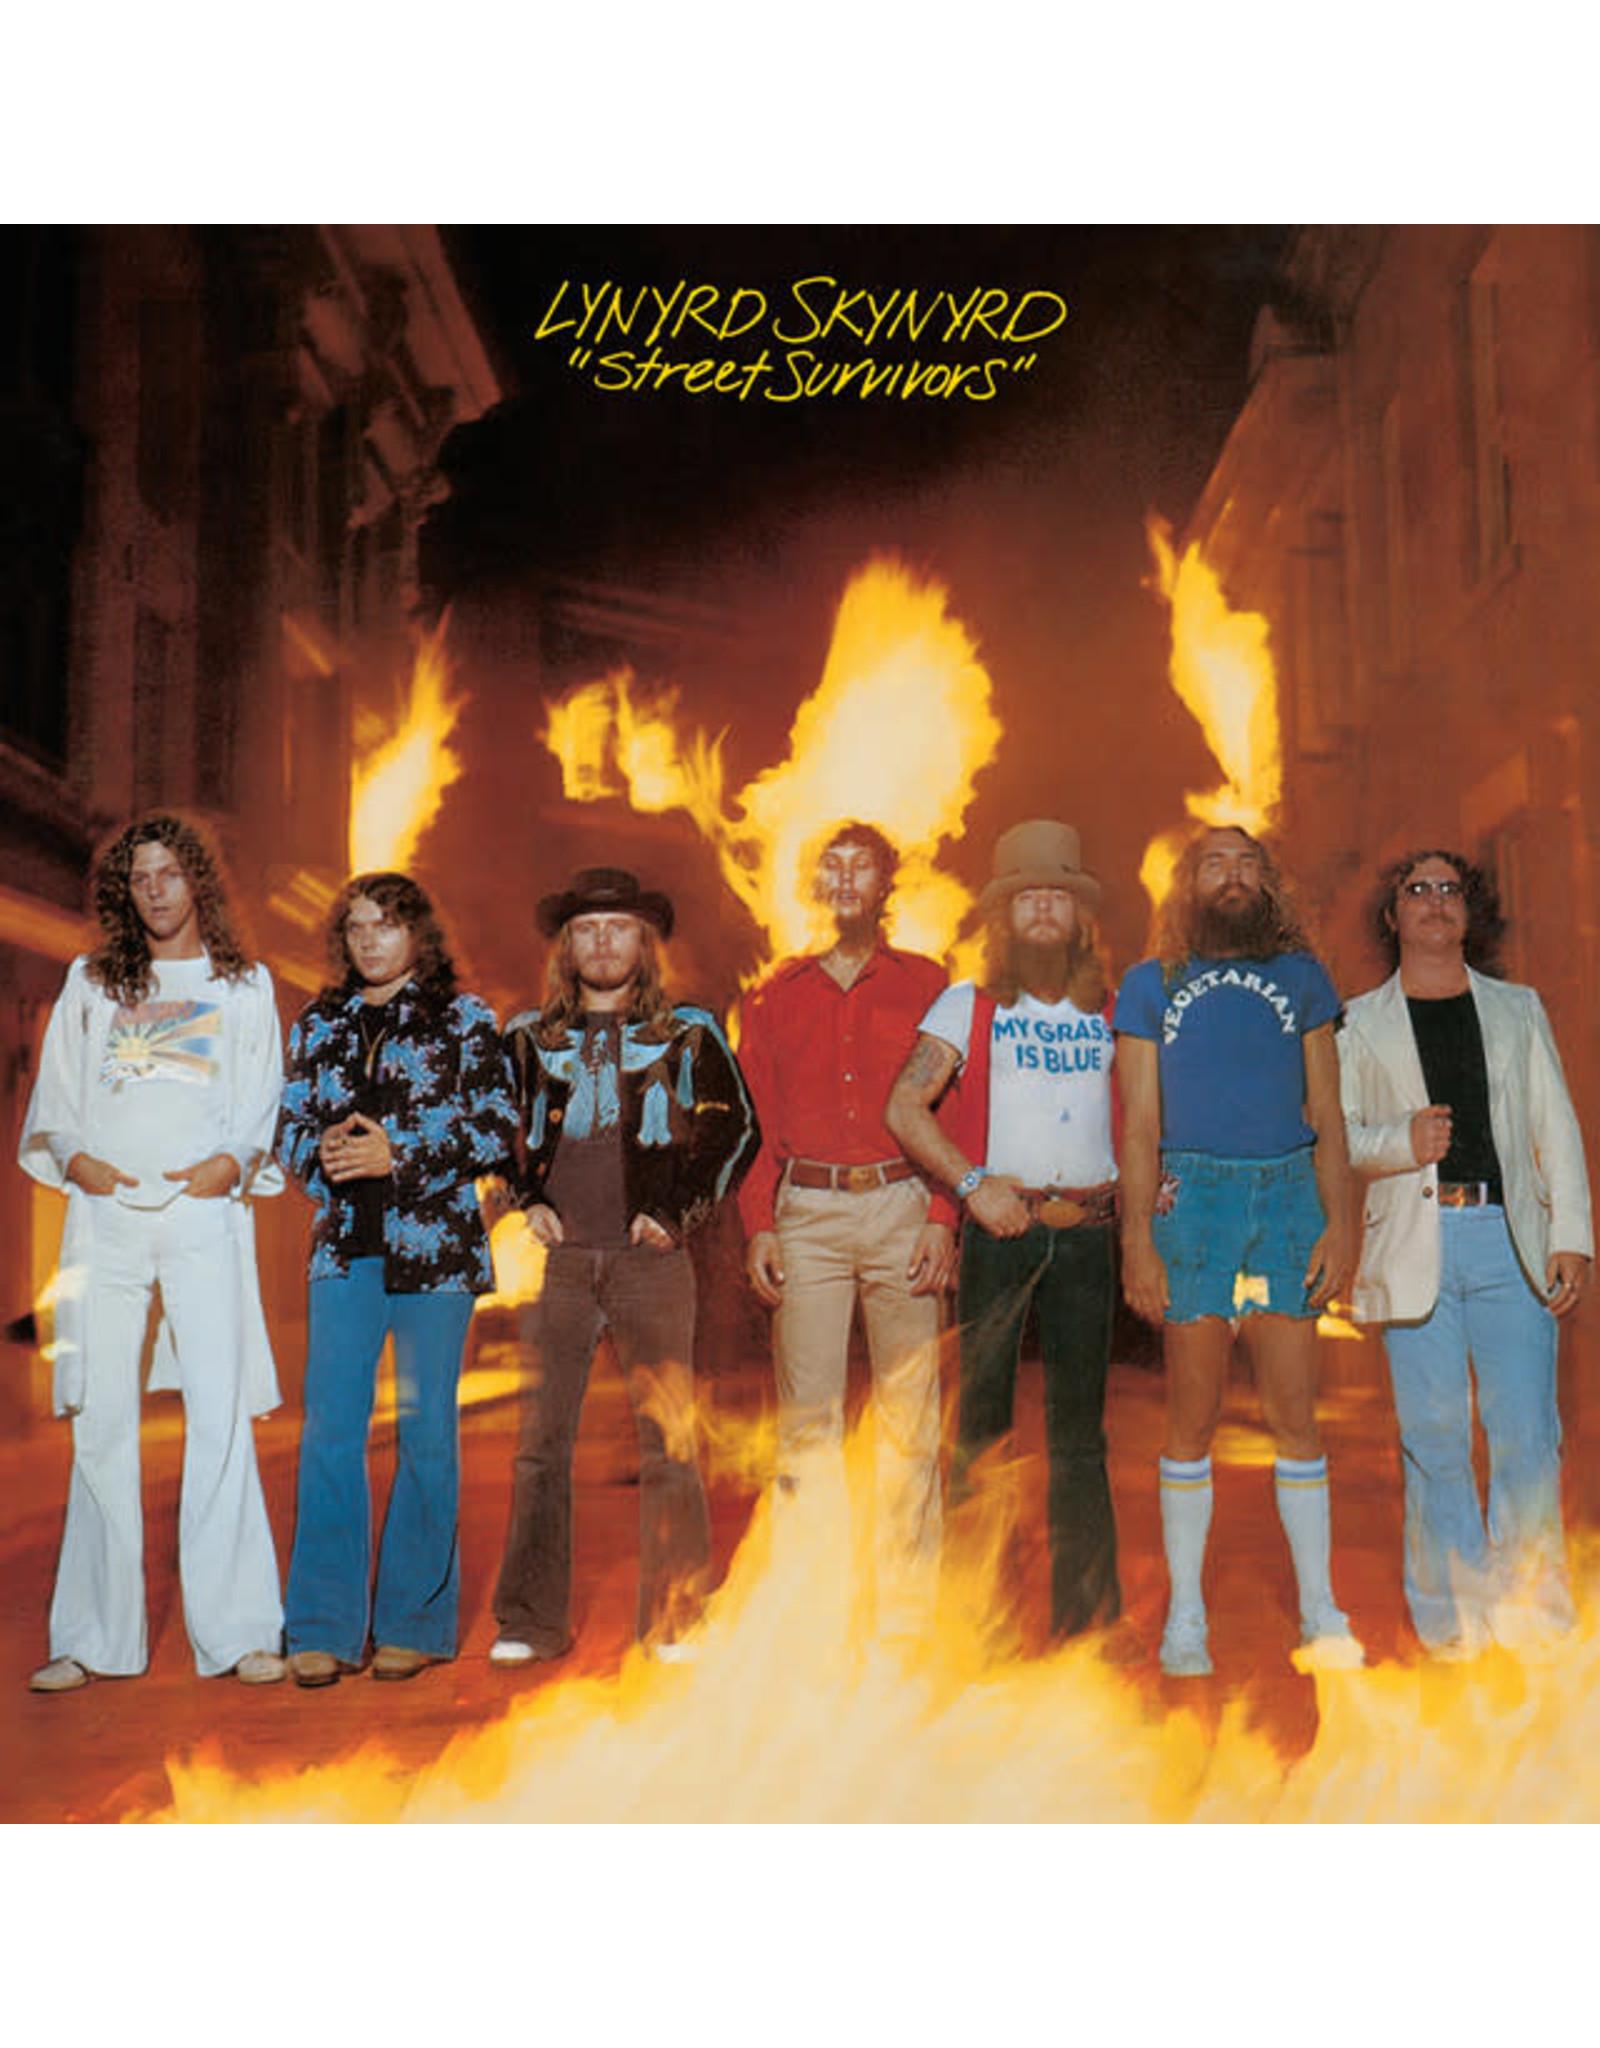 Vinyl Lynyrd Skynyrd - Street Survivors